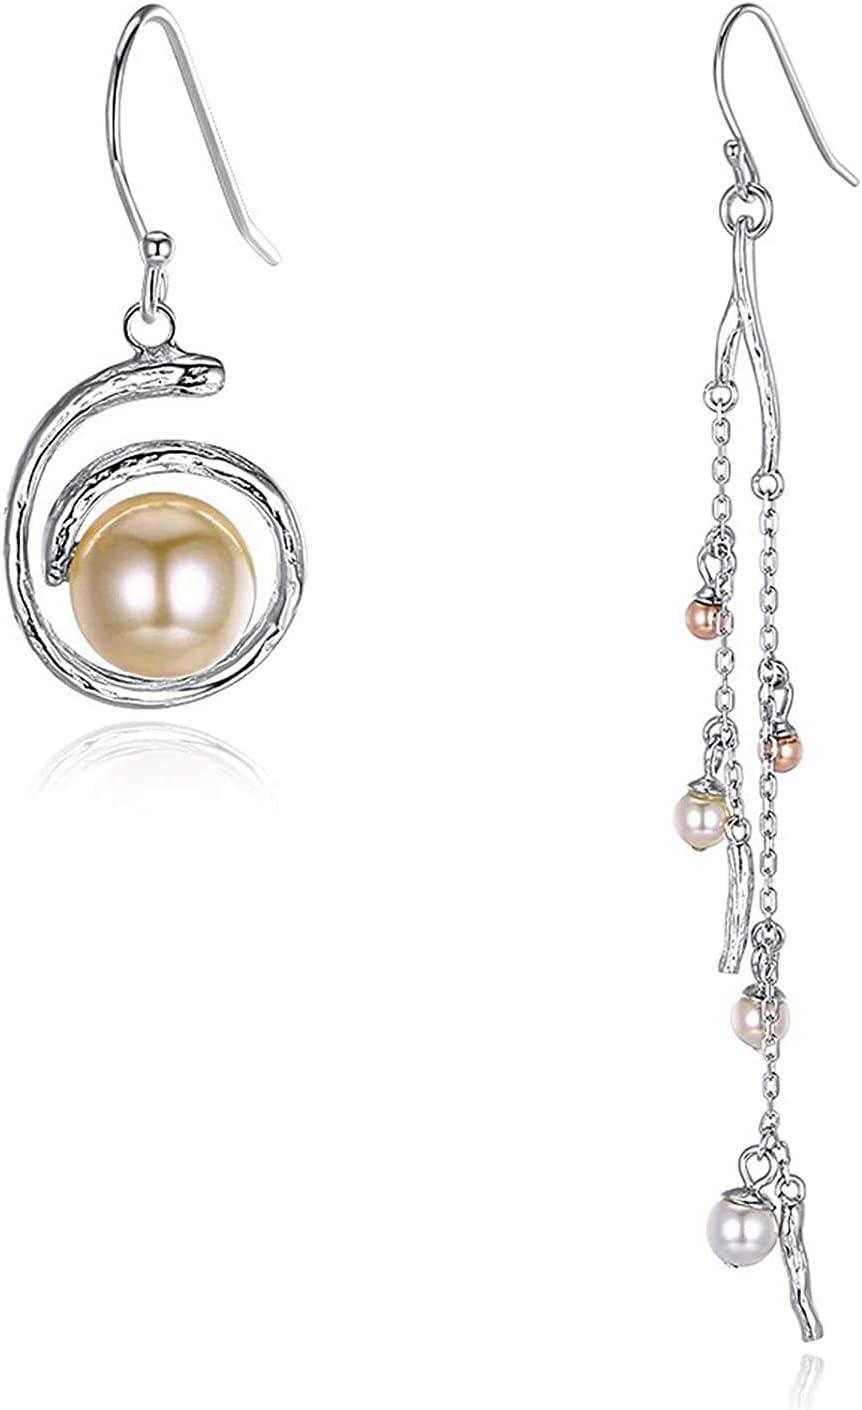 TIANYOU Joyas de novedad - Pendientes de plata esterlina para las mujeres Damas Perlas de imitación cuelgan los pendientes de plata asimétrica